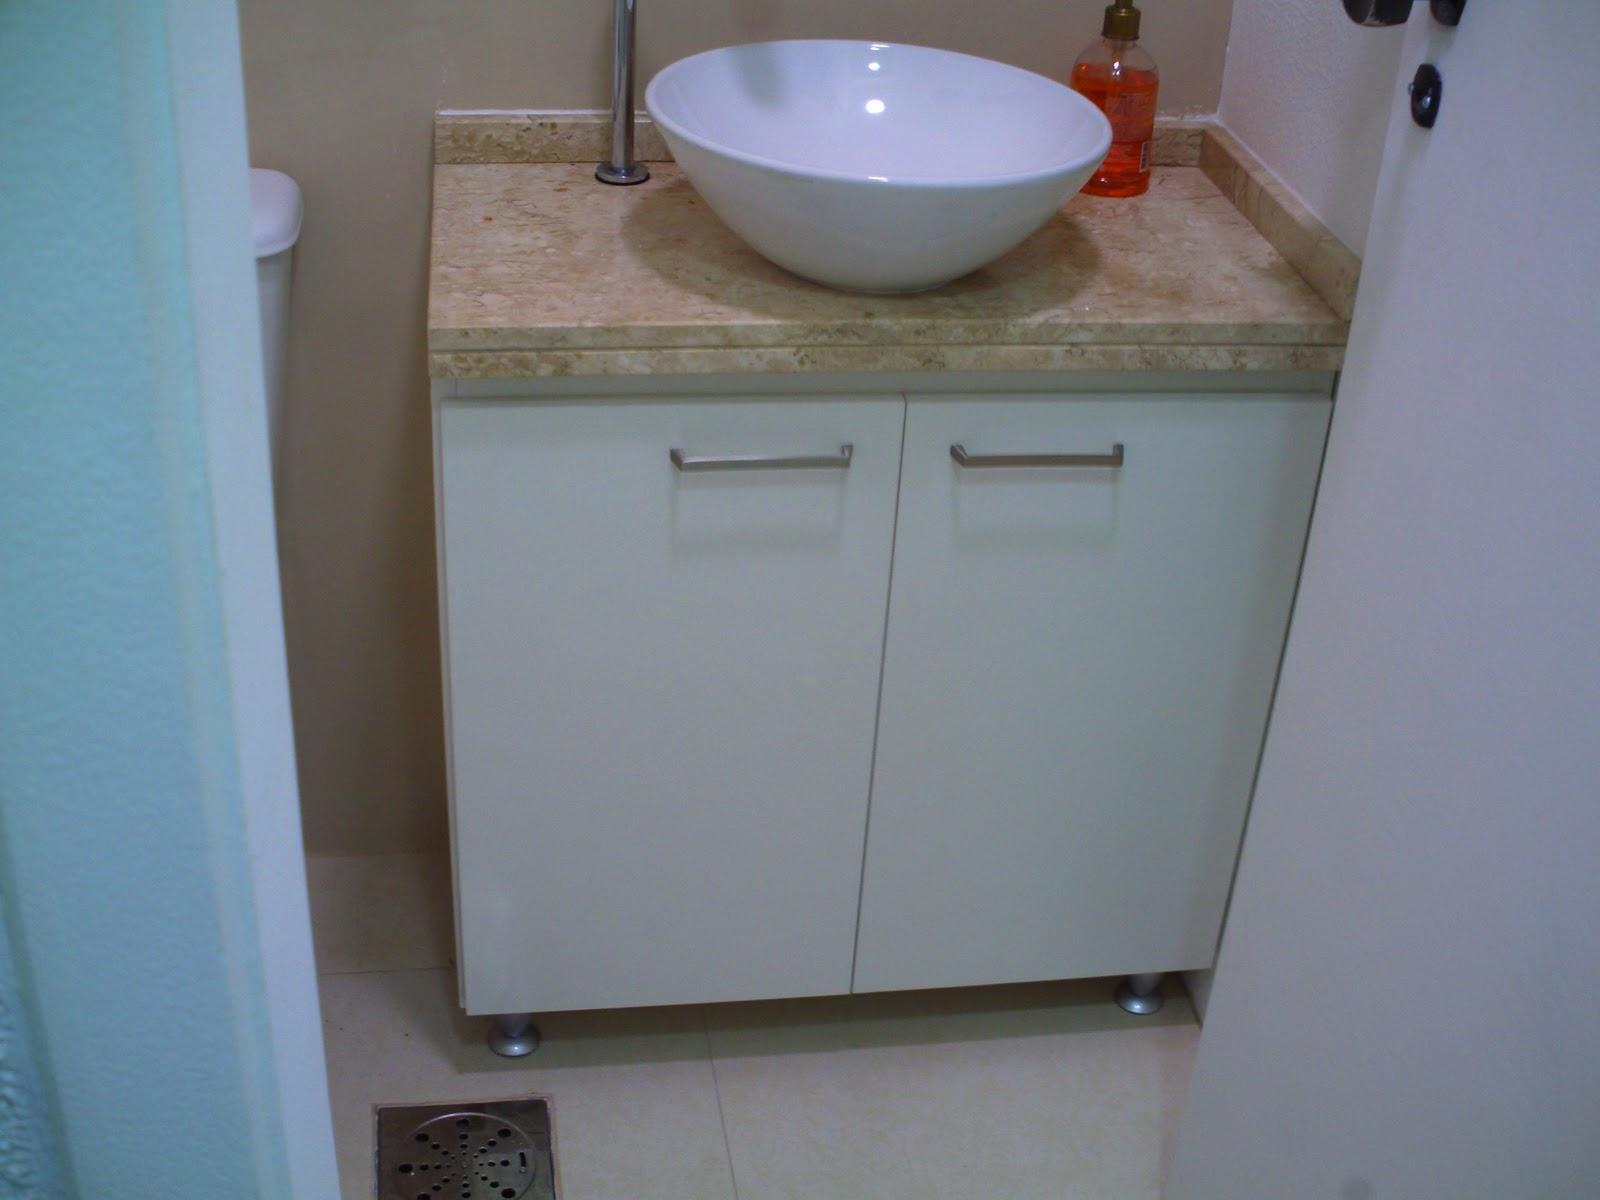 Oficina de Marcenaria: Balcão p/ banheiro #3F458C 1600x1200 Banheiro Com Balcao